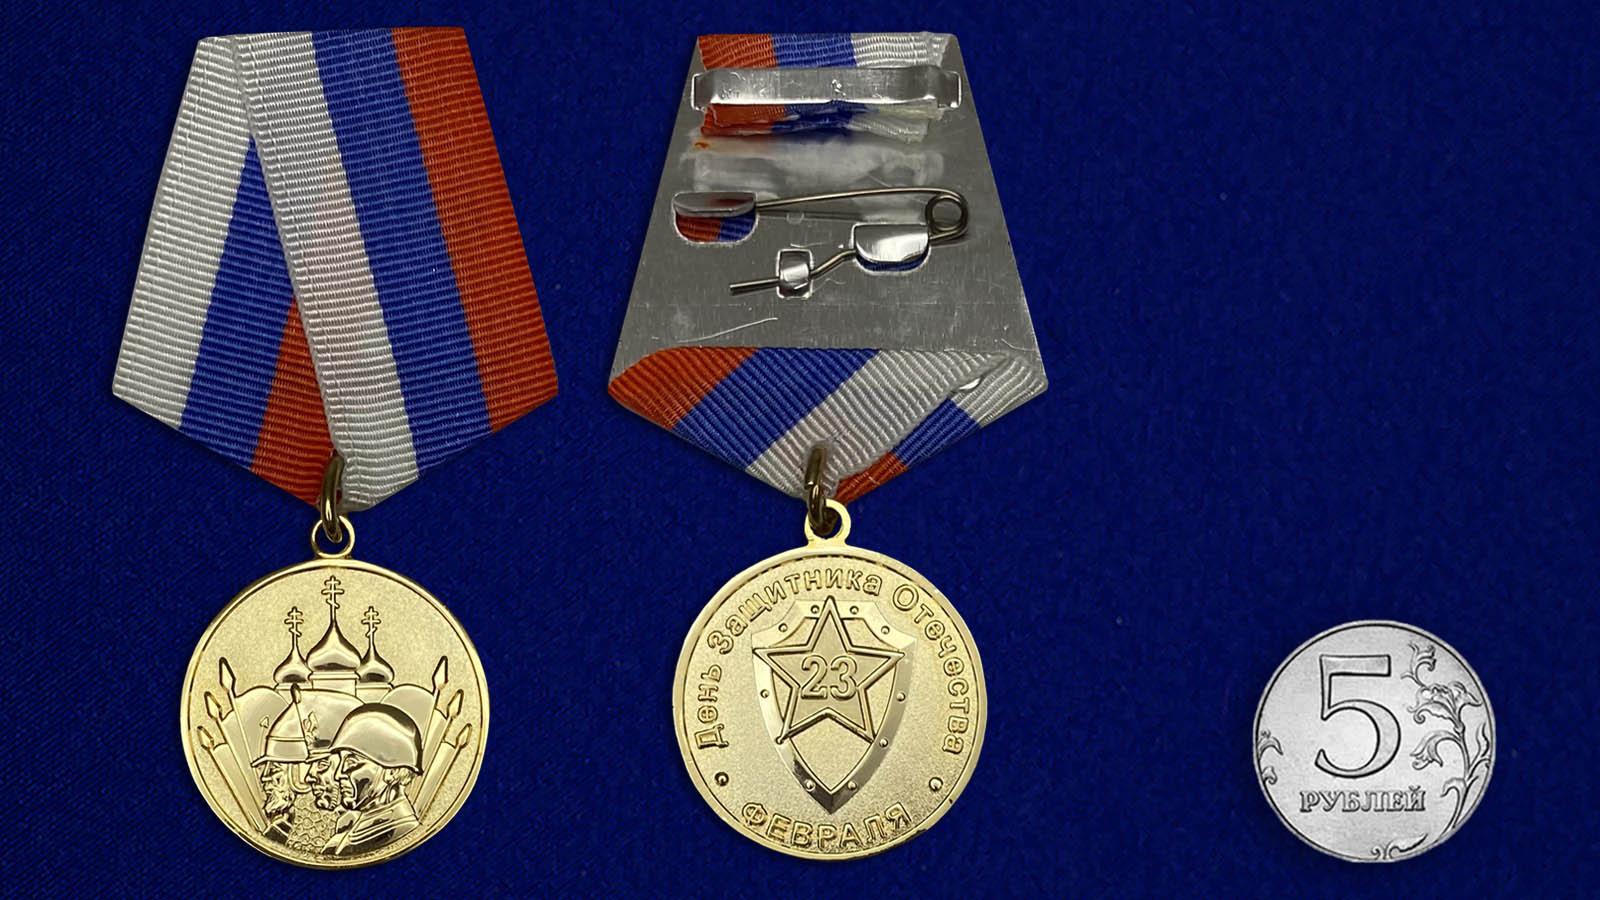 Медаль 23 февраля - сравнительный размер